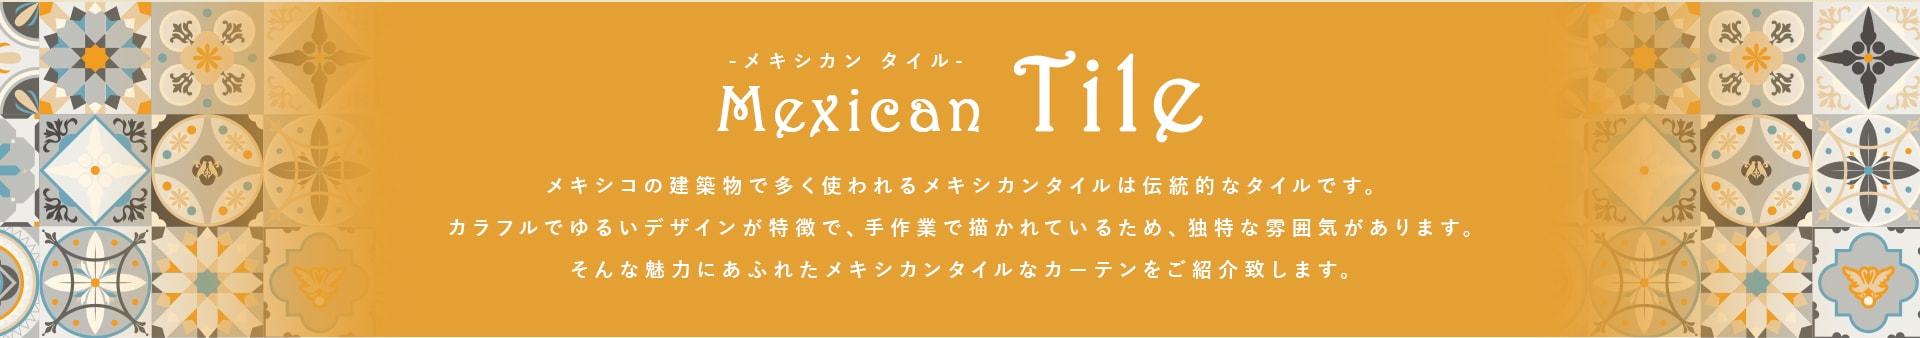 タイル:メキシコの建築物で多く使われるメキシカンタイルは伝統的なタイルです。